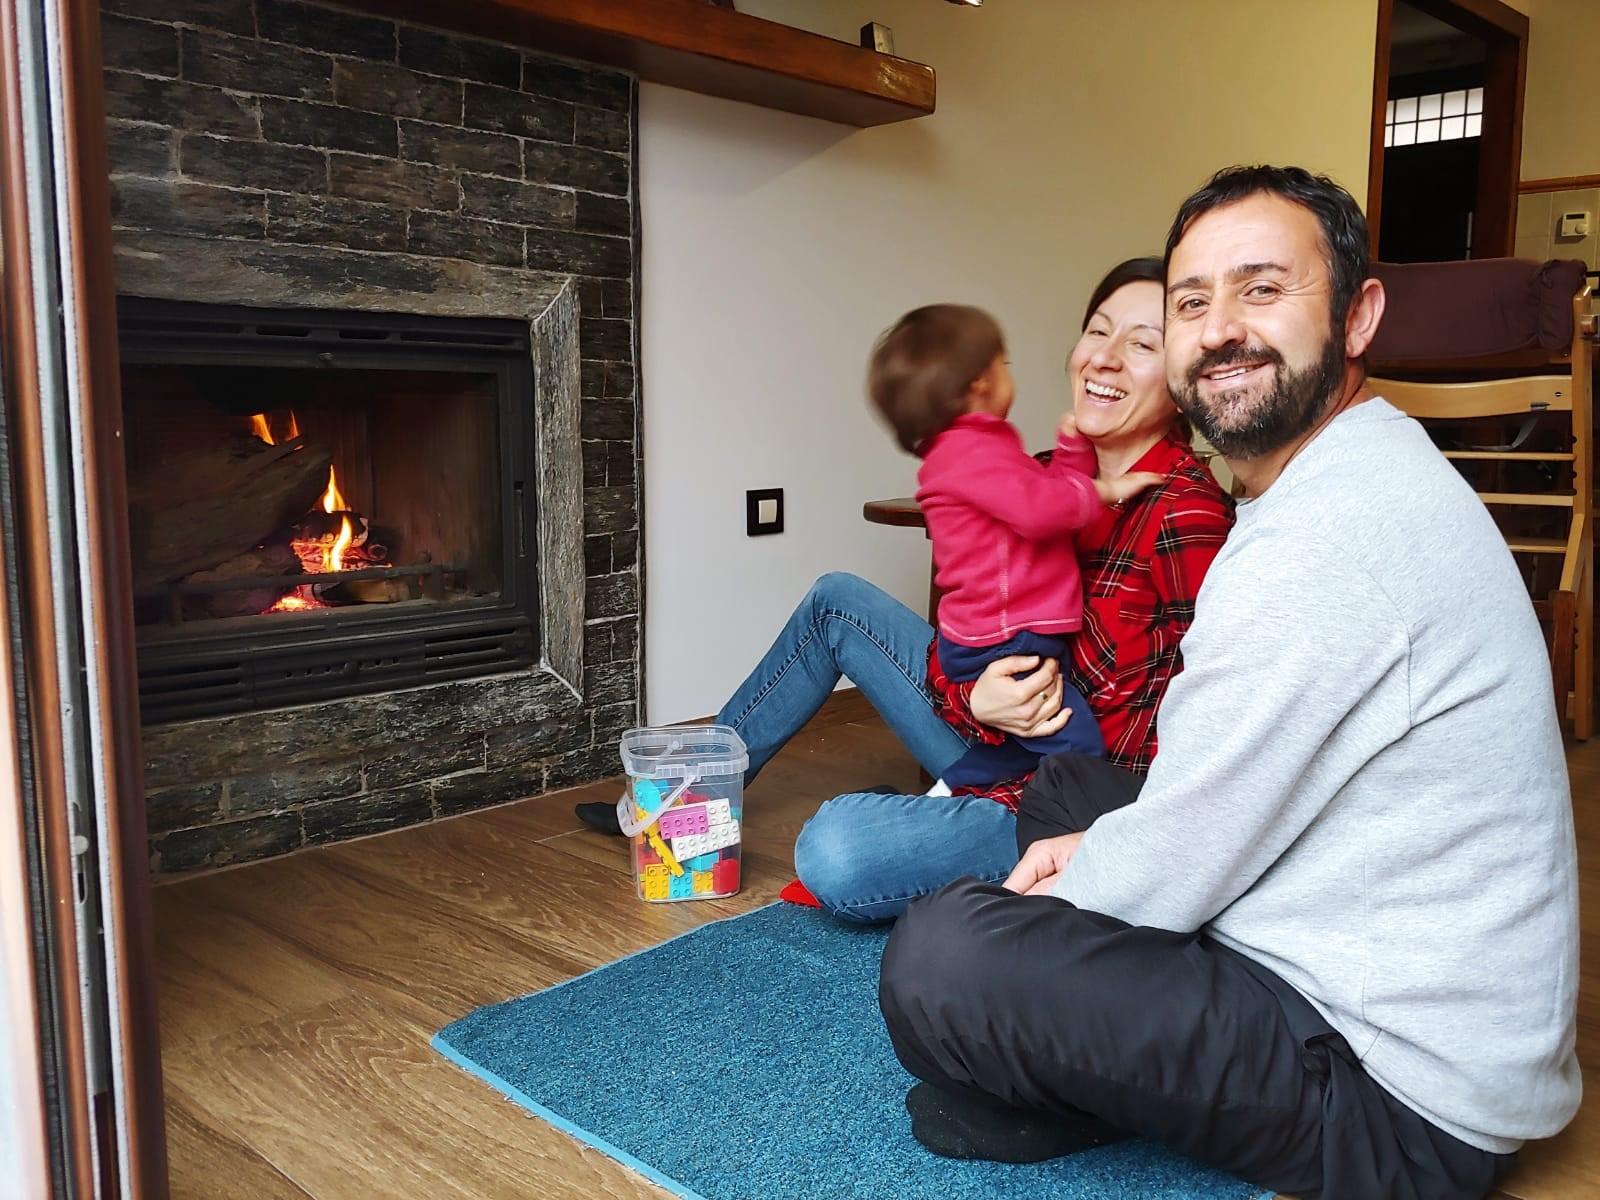 Los momentos en familia son muy apreciados por los hosteleros